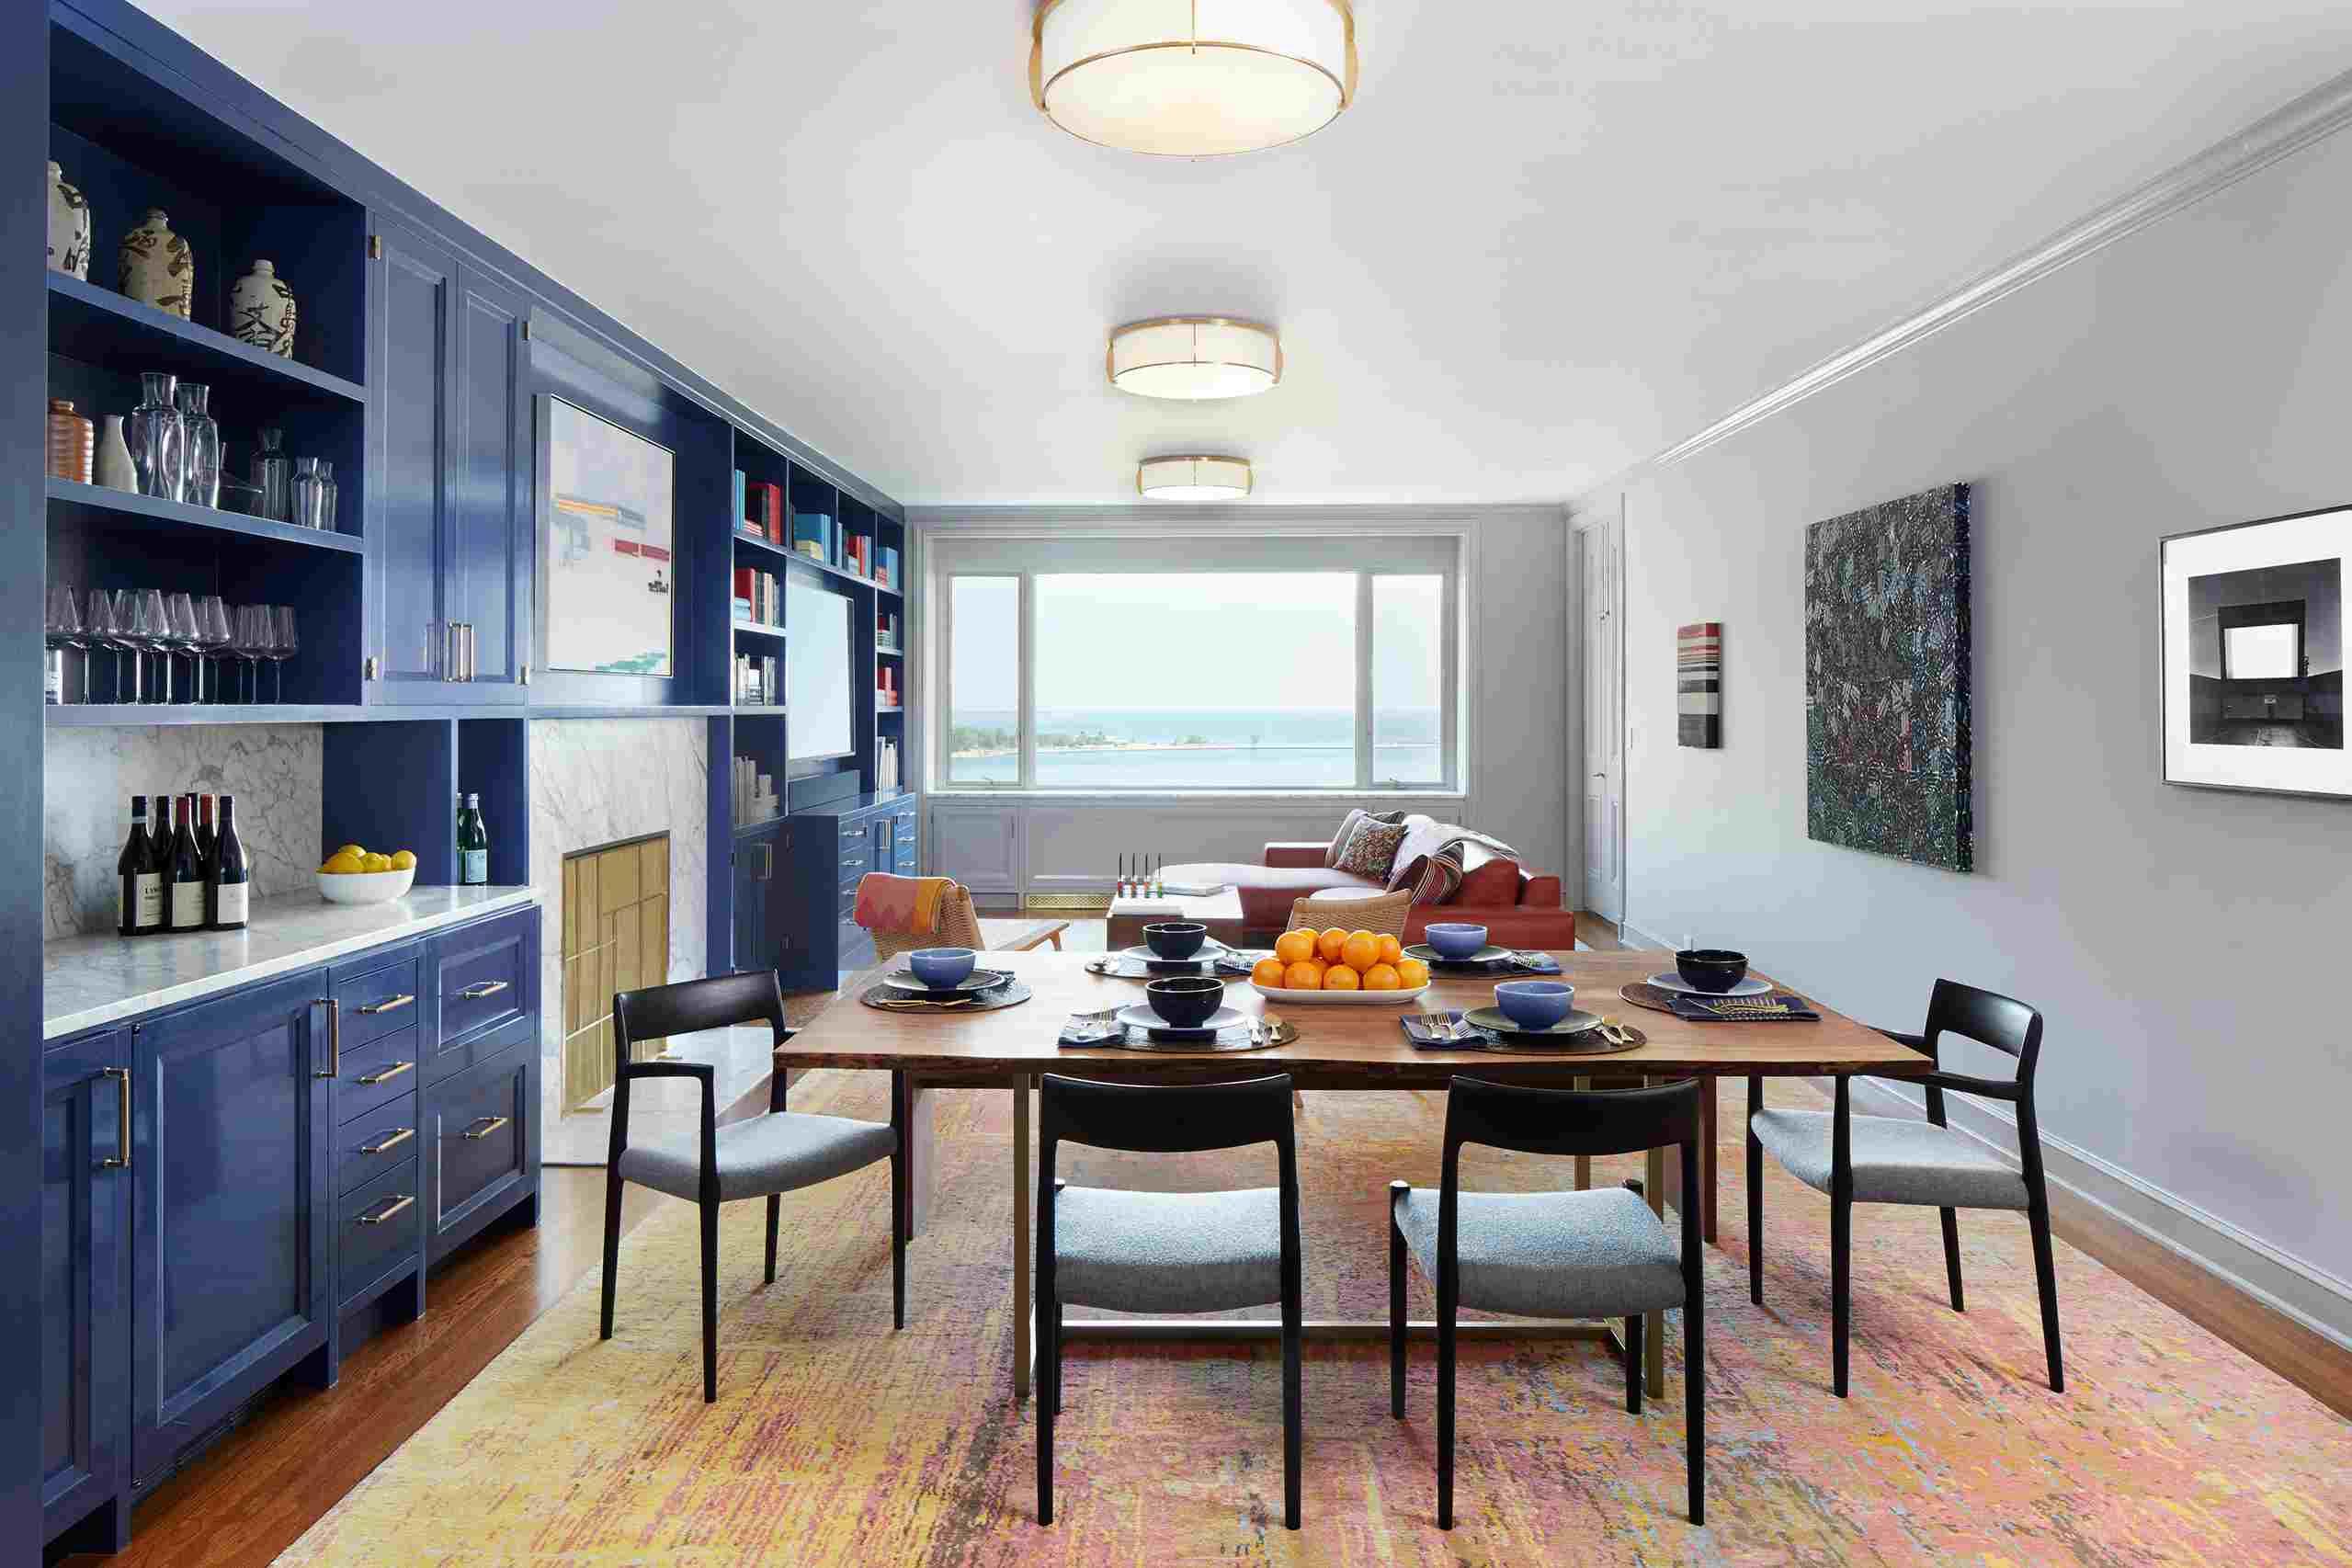 condominio de concepto abierto con paredes grises